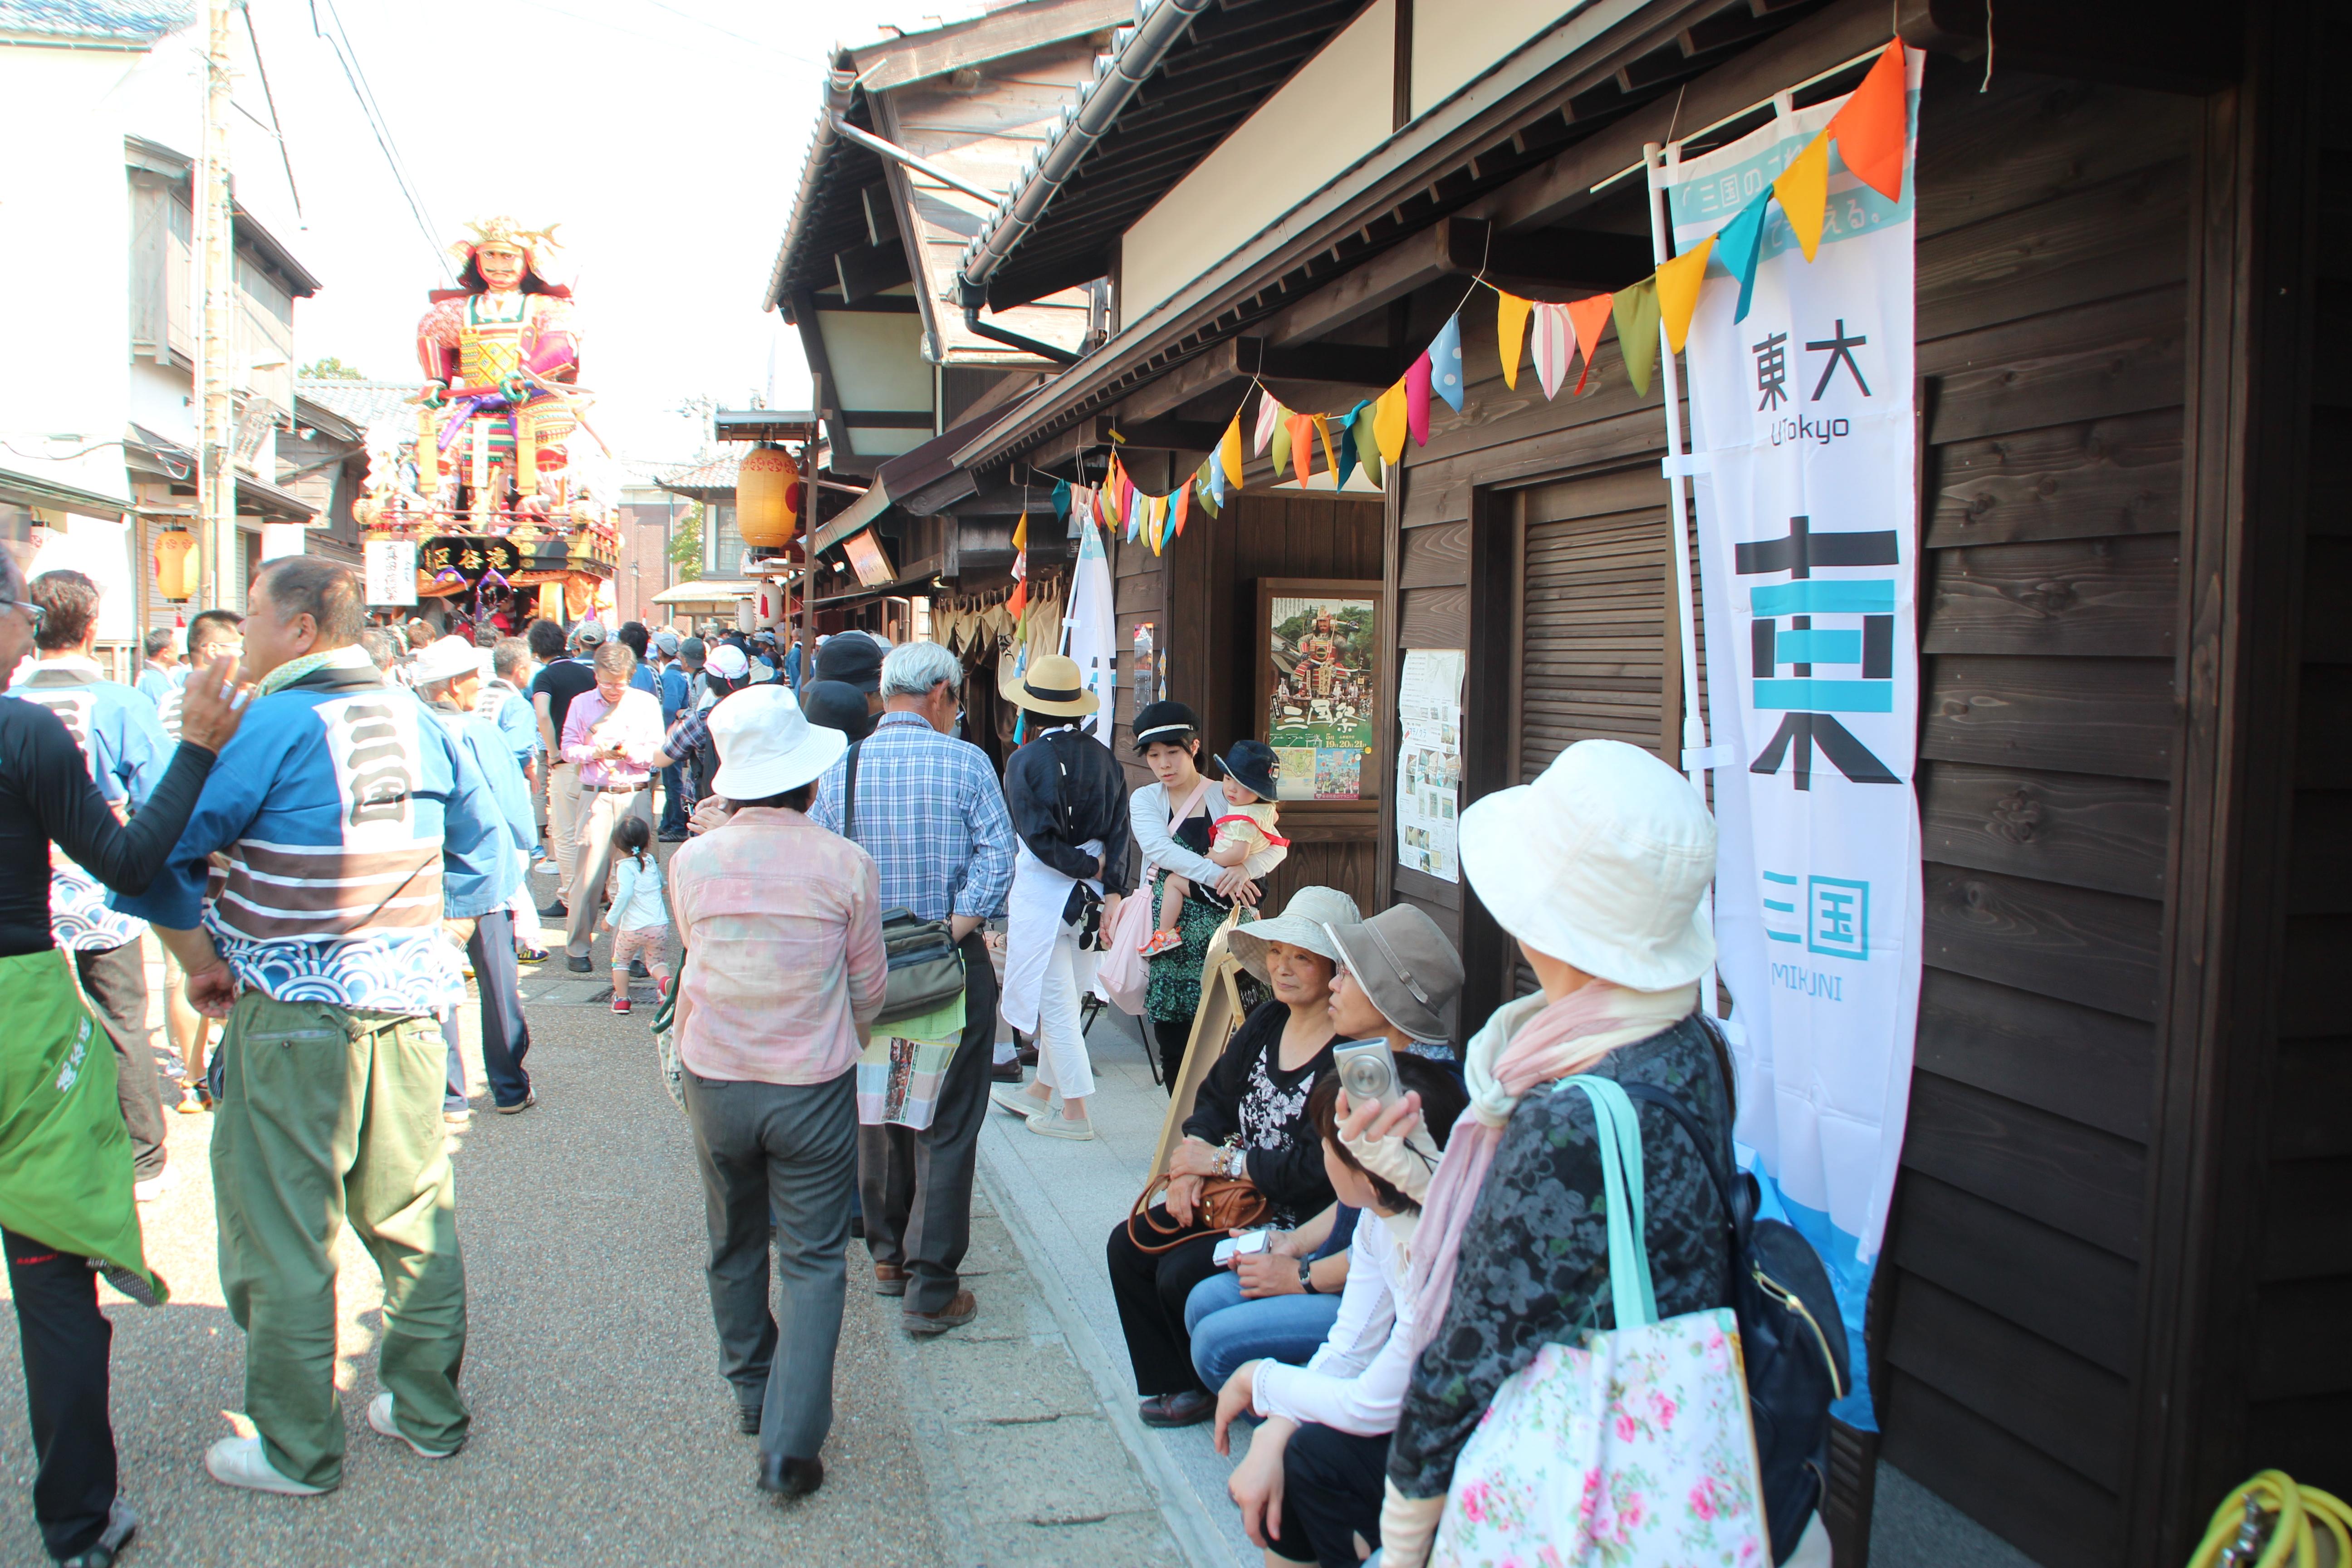 http://ud.t.u-tokyo.ac.jp/blog/_images/IMG_1912.JPG